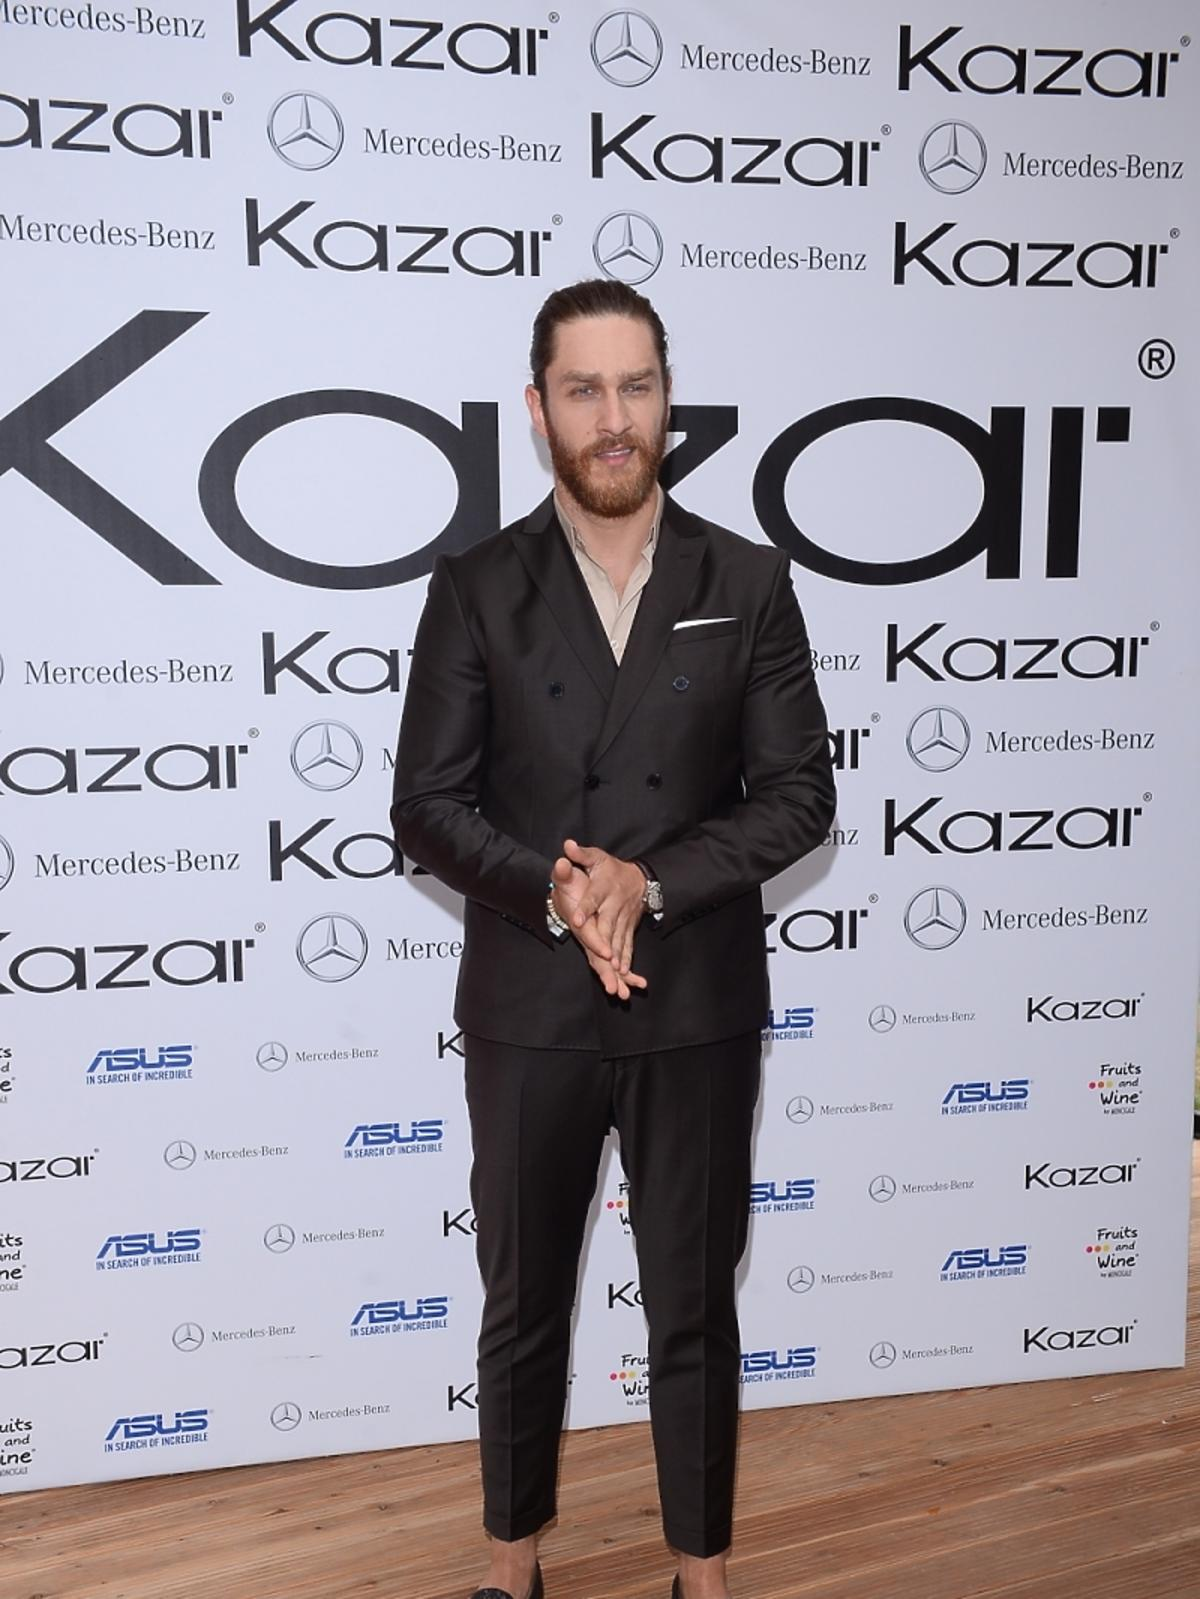 Ekskluzywny Menel na pokazie kolekcji marki Kazar